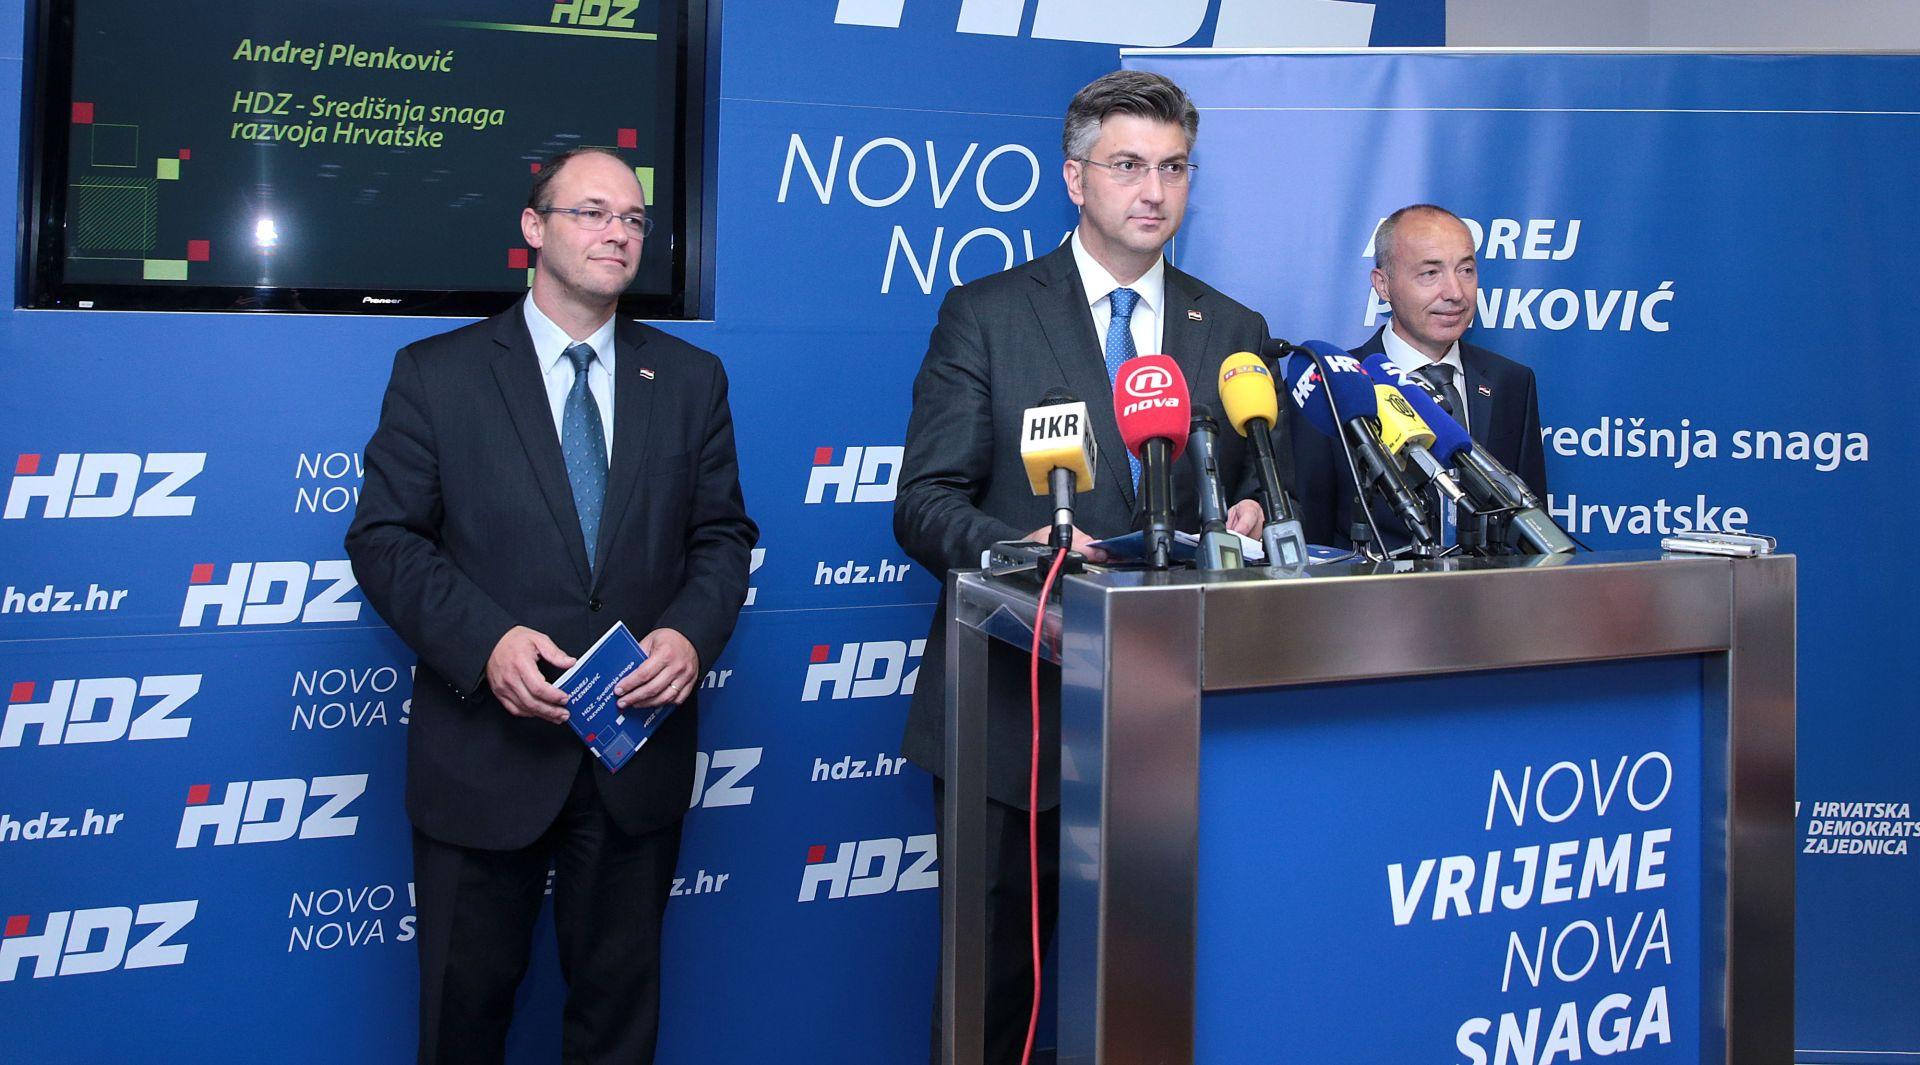 Plenković: Želim da HDZ u hrvatskom društvu generira političku stabilnost